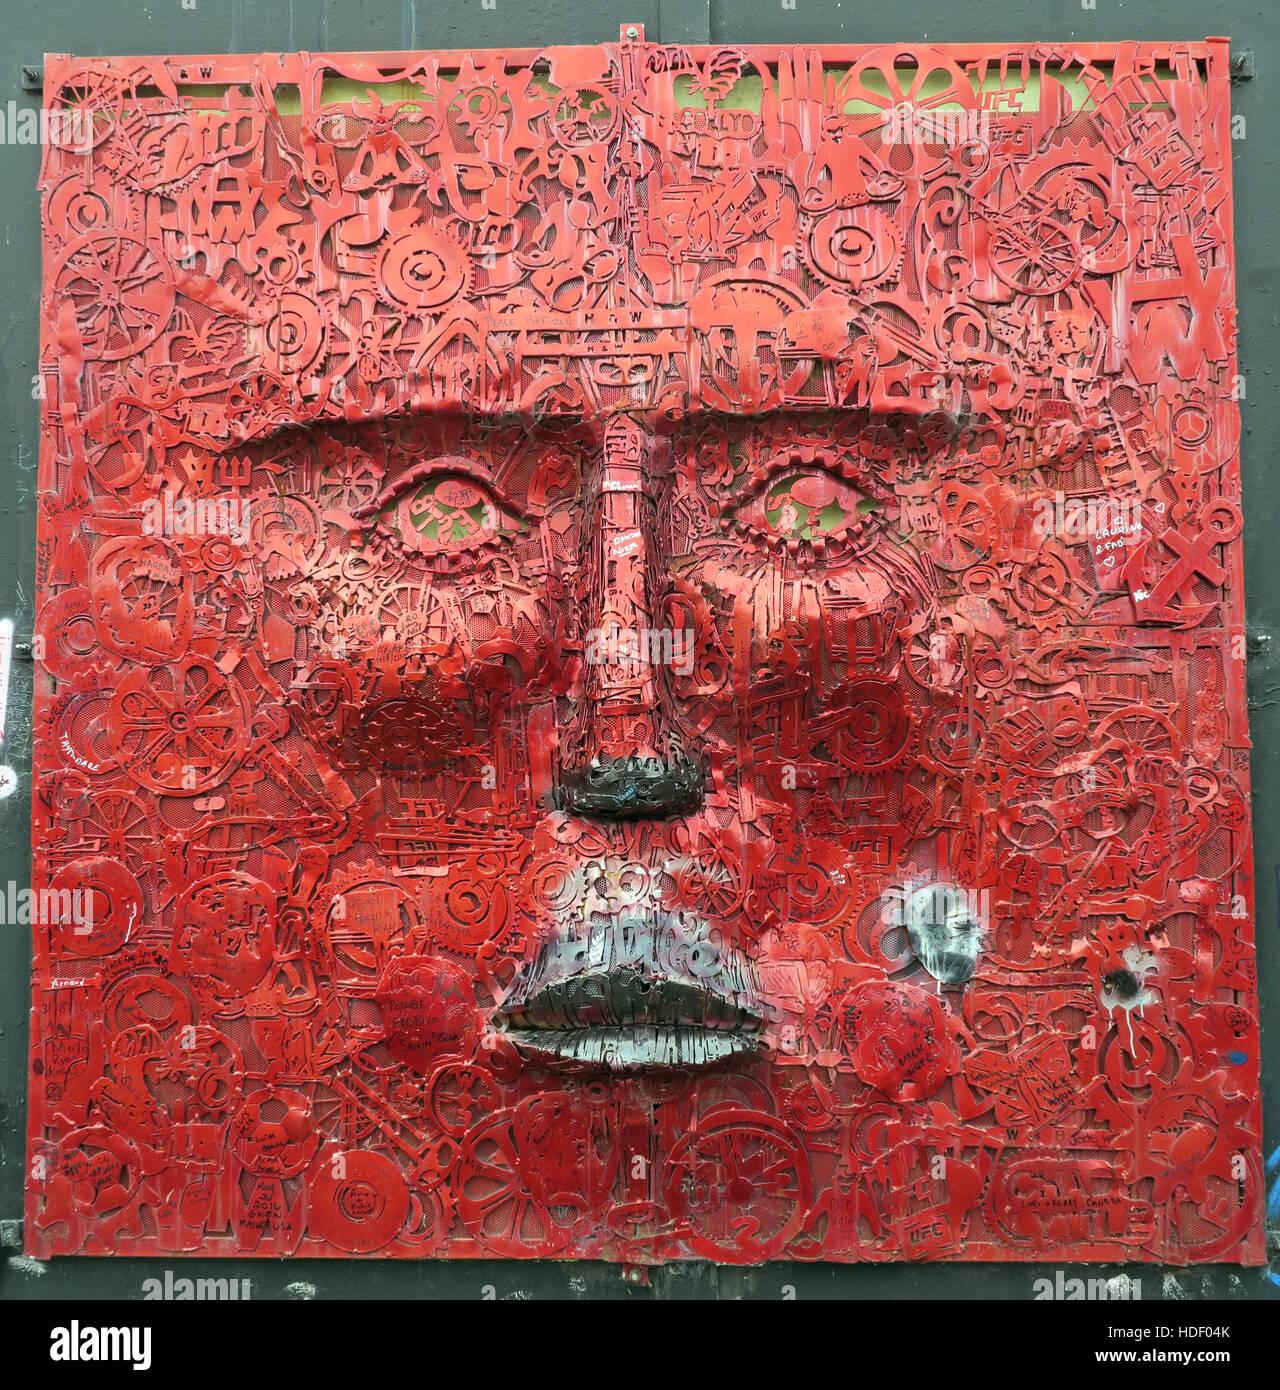 Laden Sie dieses Alamy Stockfoto Das Gesicht von Künstler Kevin Killen, ist Teil des Wenn Wände sprechen könnten Projekts, West Belfast, Nordirland, Vereinigtes Königreich - HDF04K